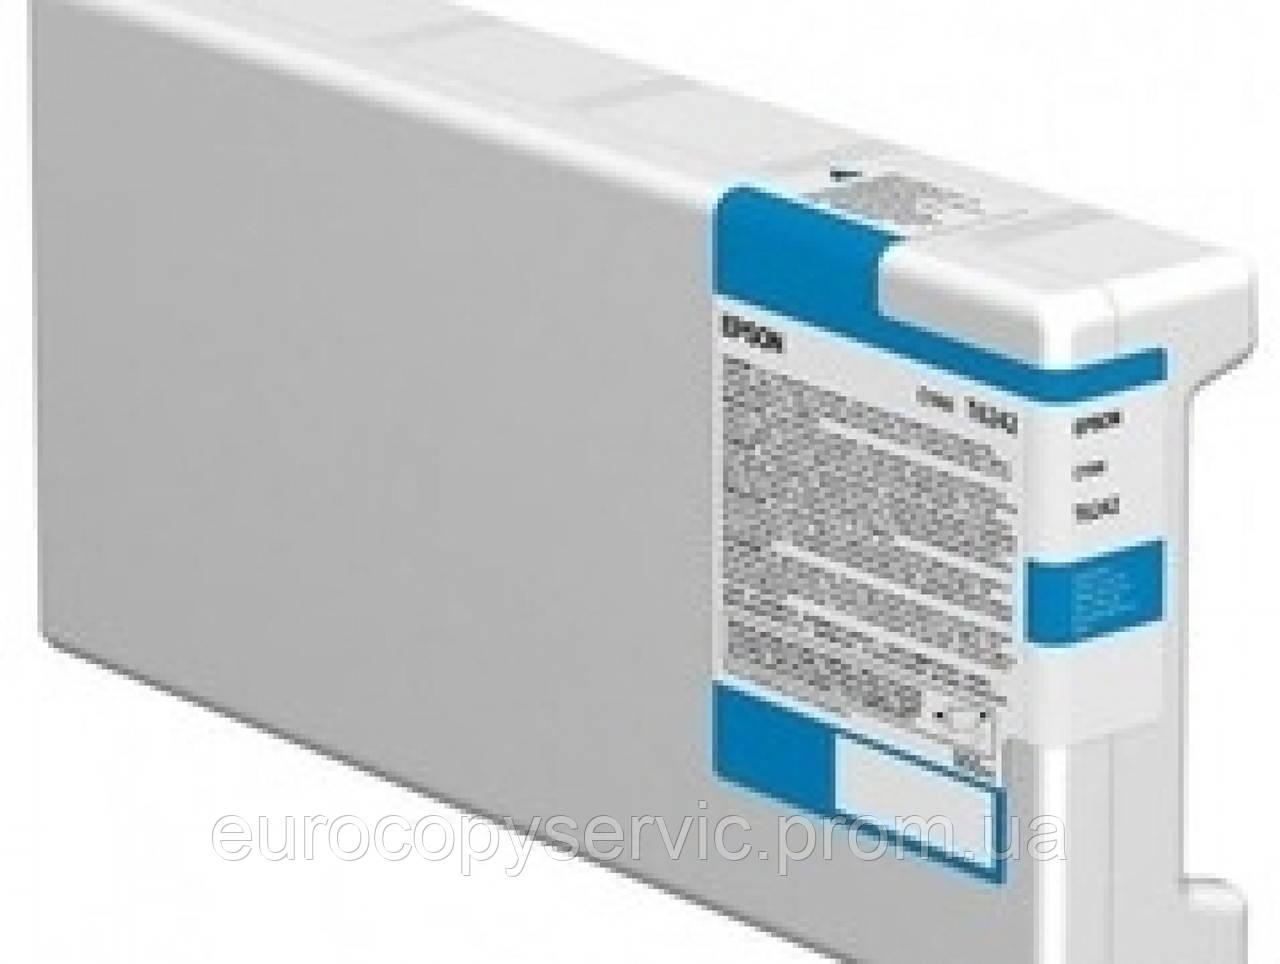 Картридж Epson для Stylus Pro GS6000 Cyan (C13T624200)